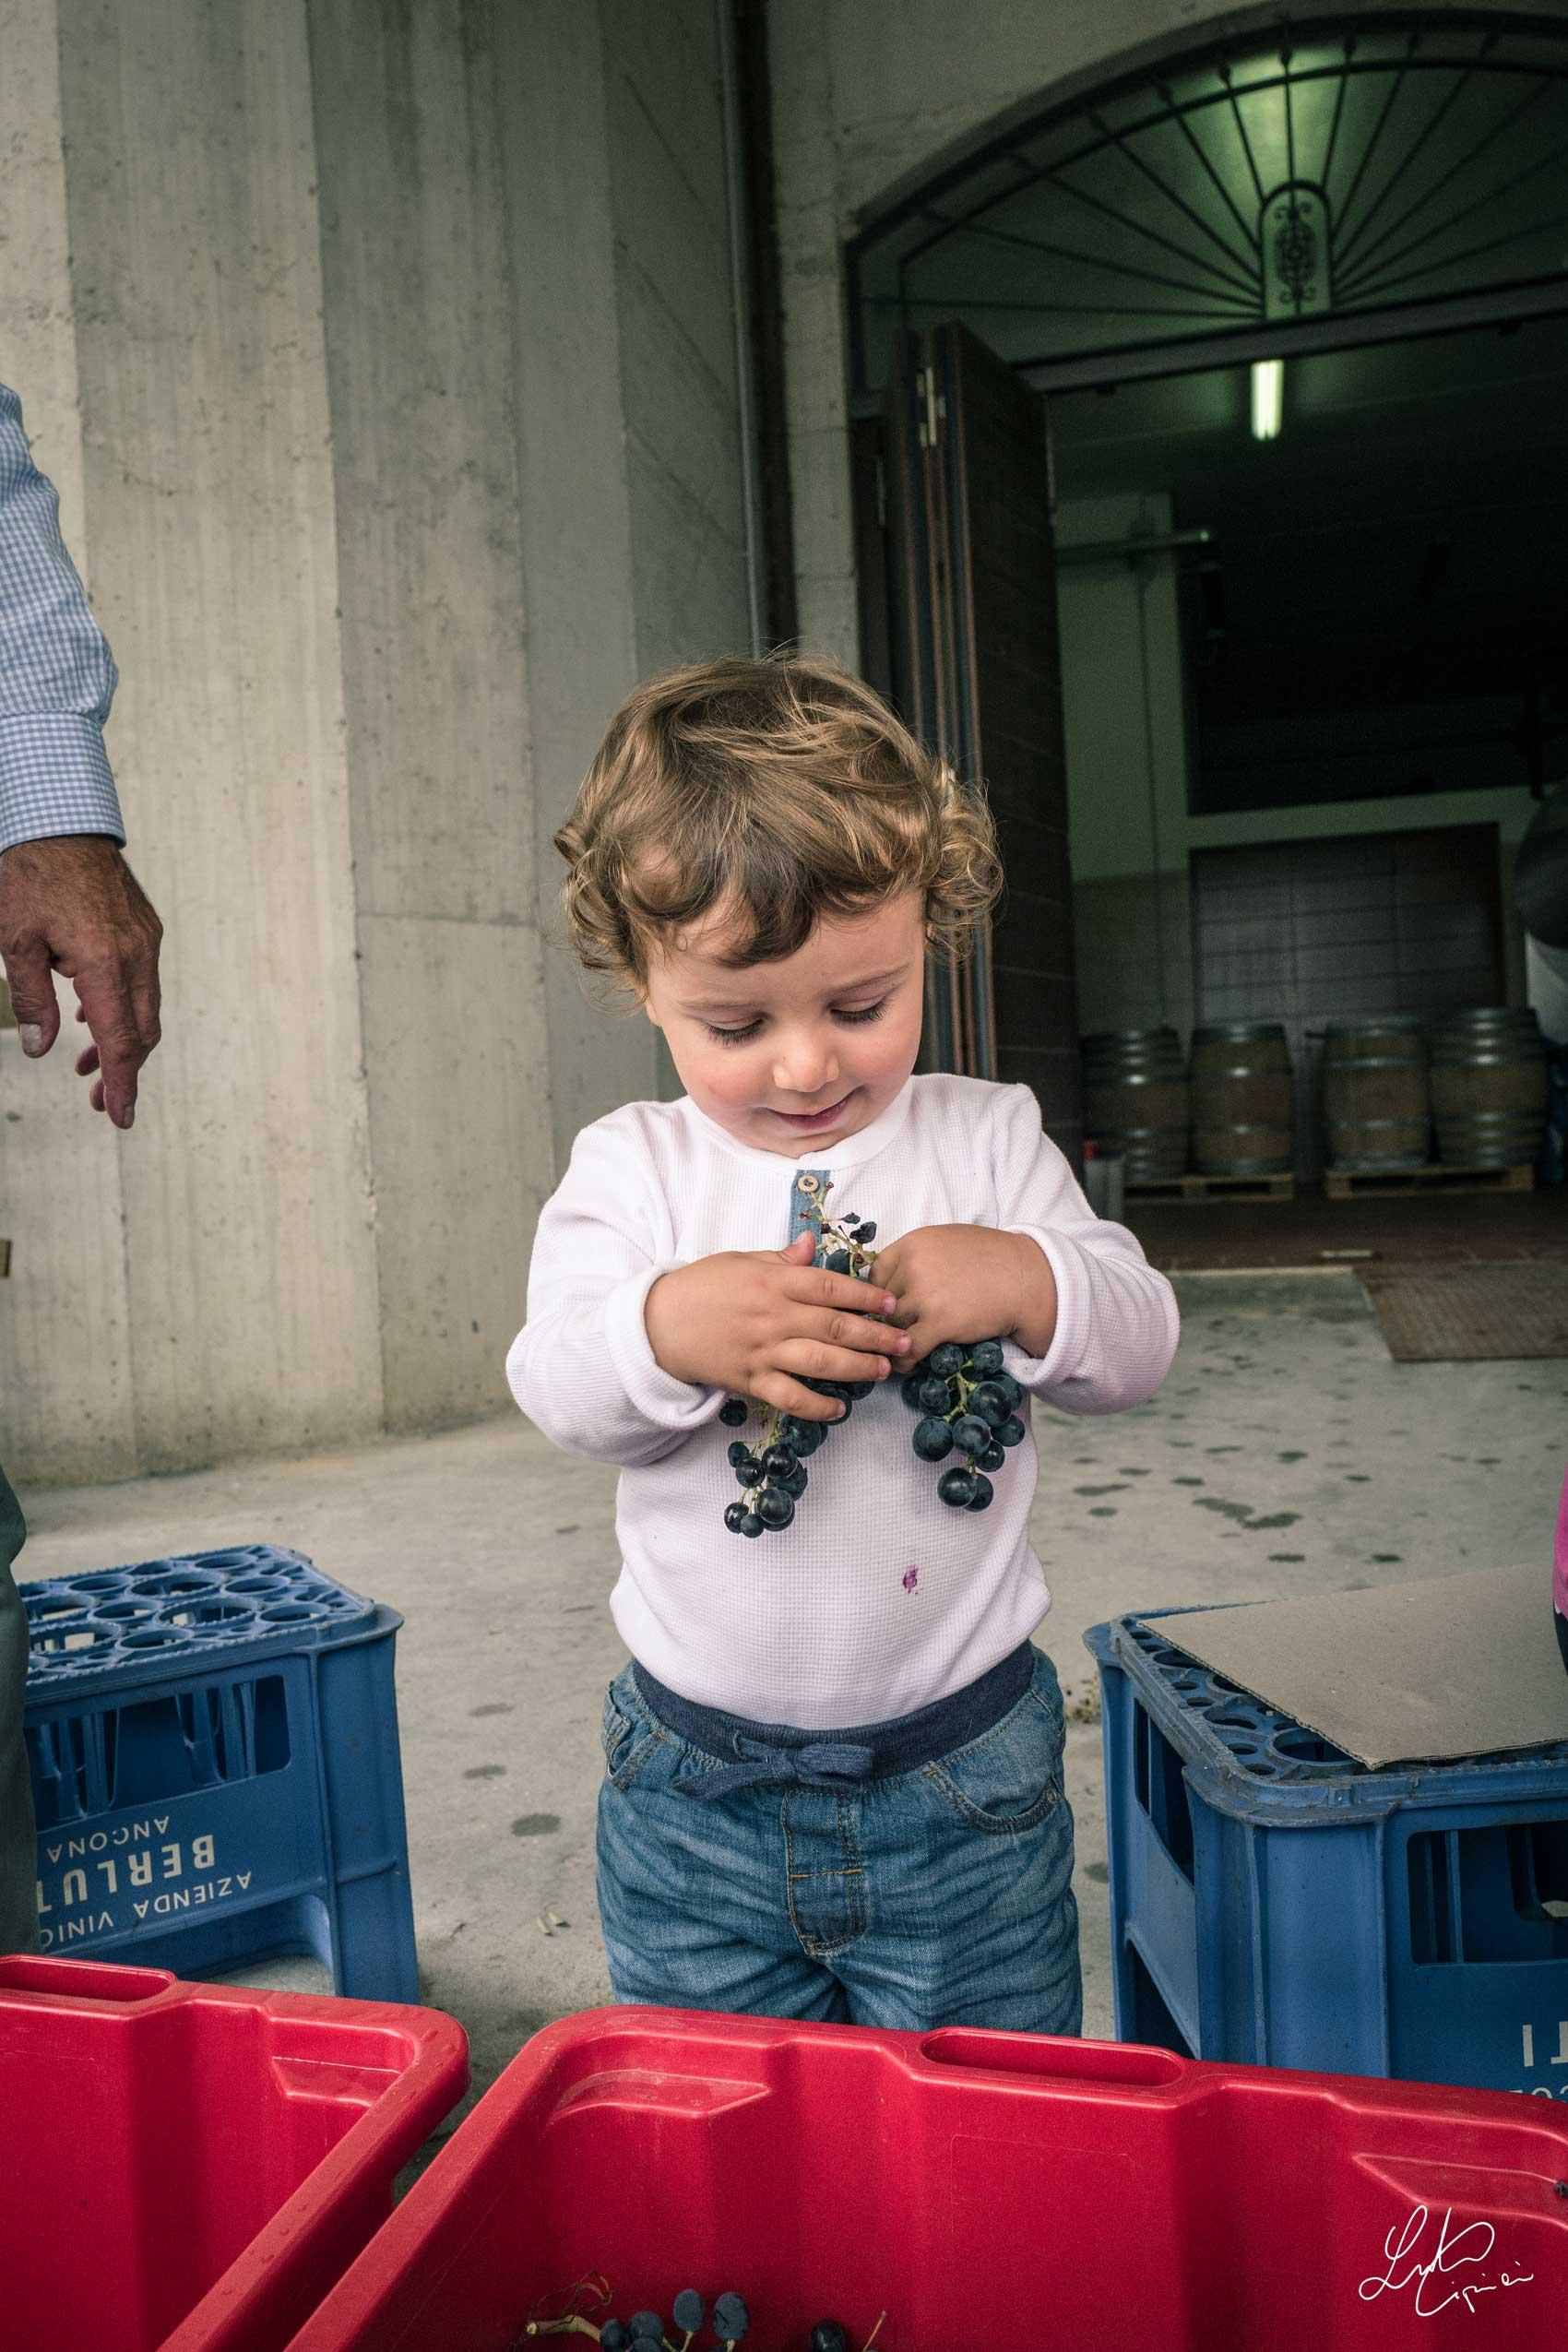 bambina con uva in mano